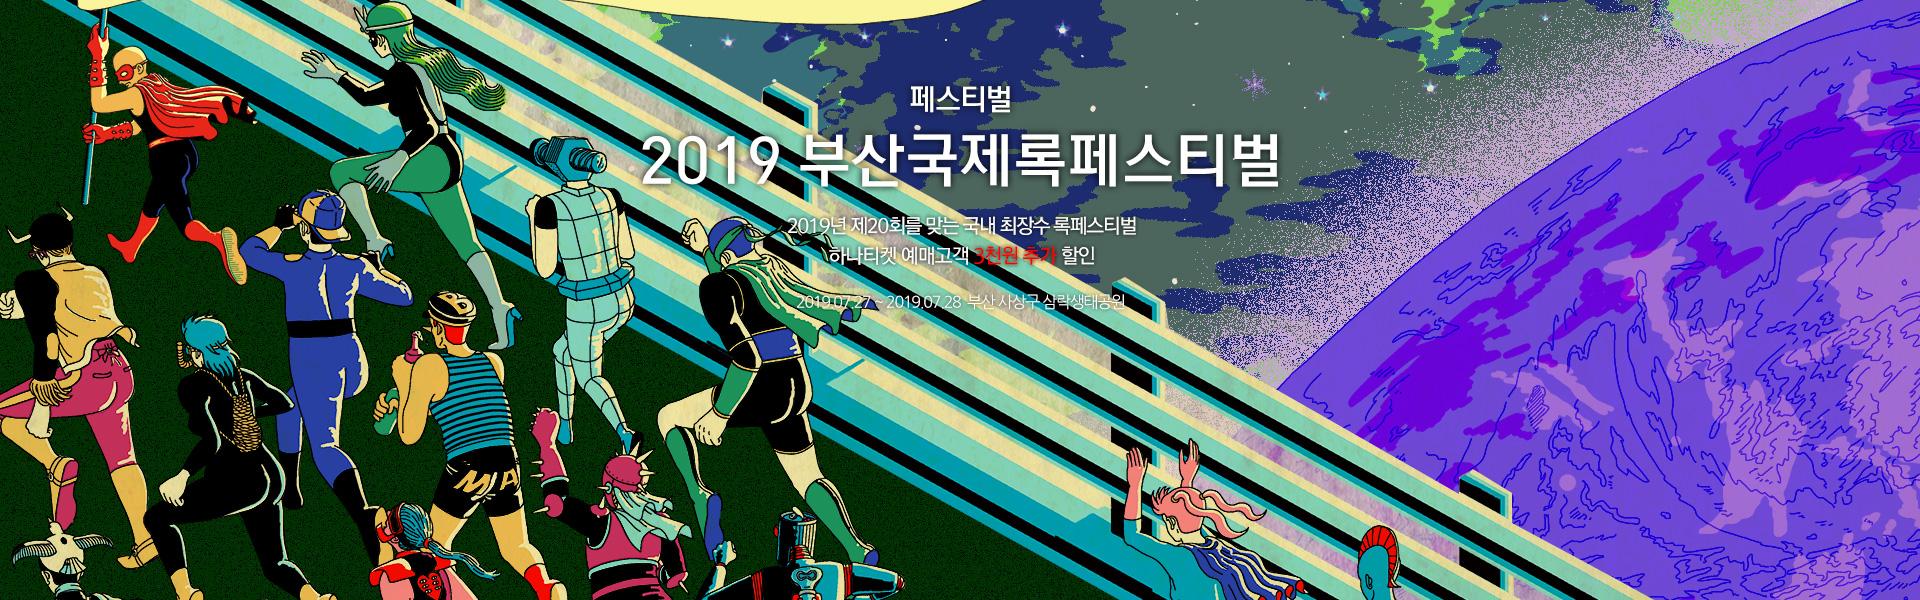 2019 부산국제록페스티벌